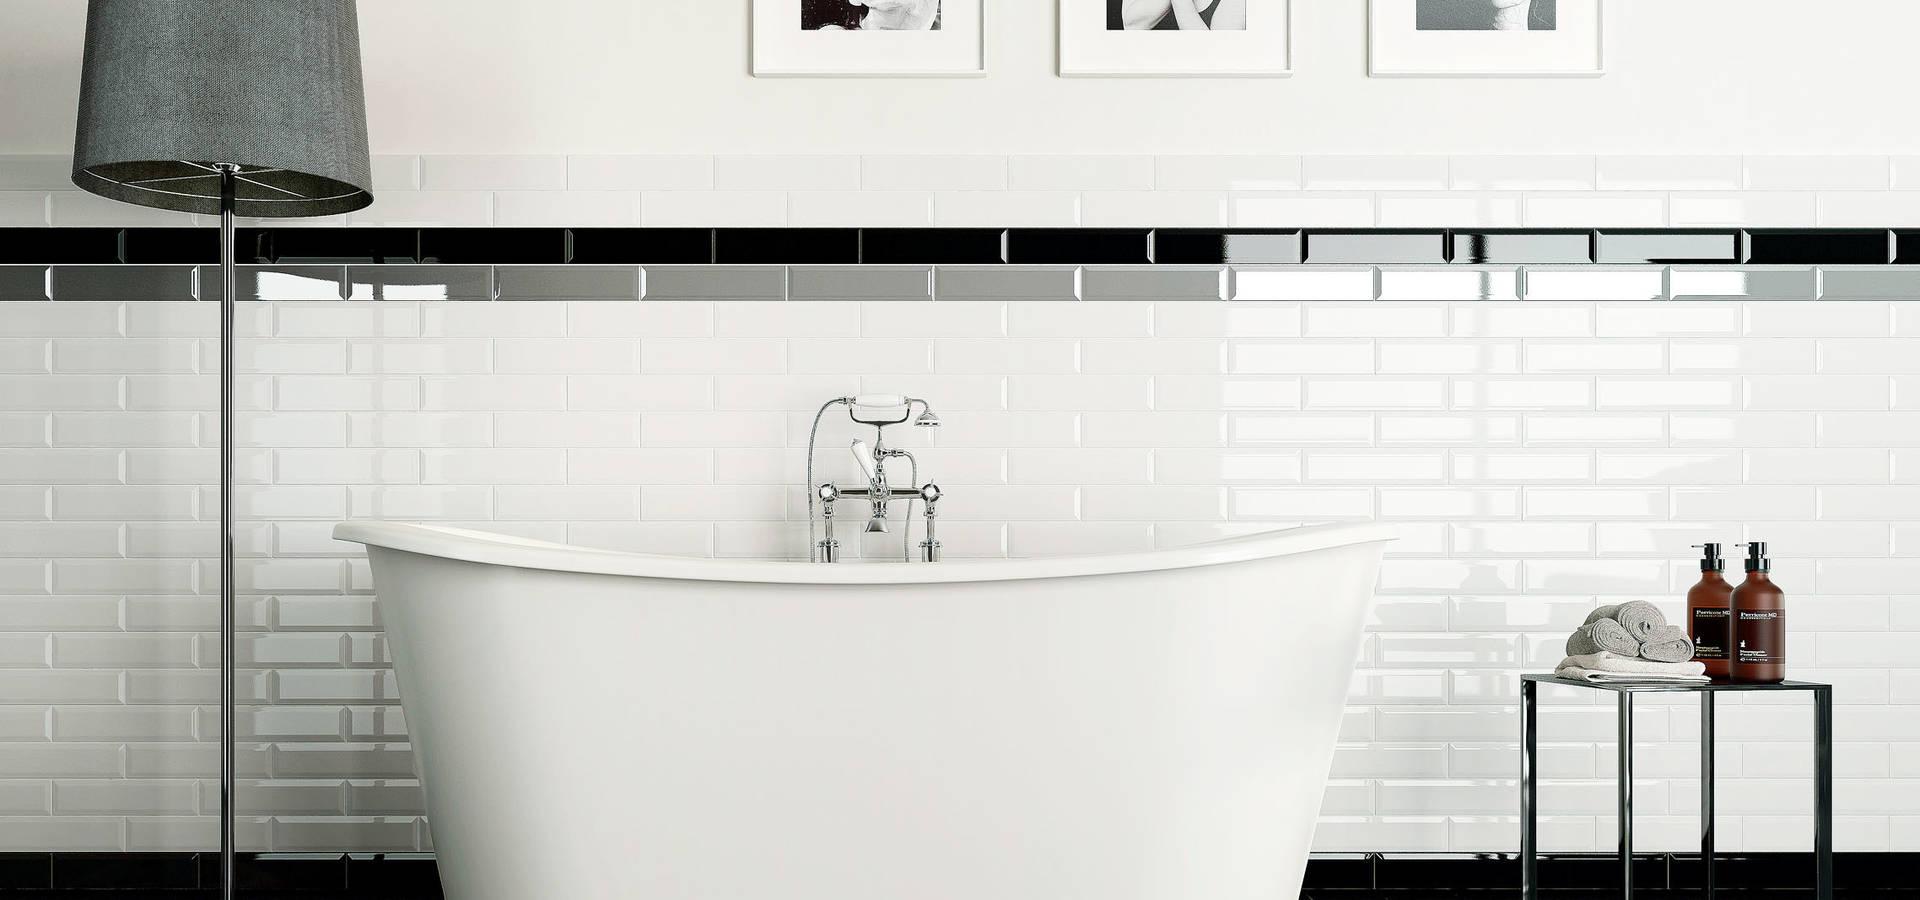 Lavelli cucina con mobile e porta lavastoviglie ikea for Cucina g v hotel